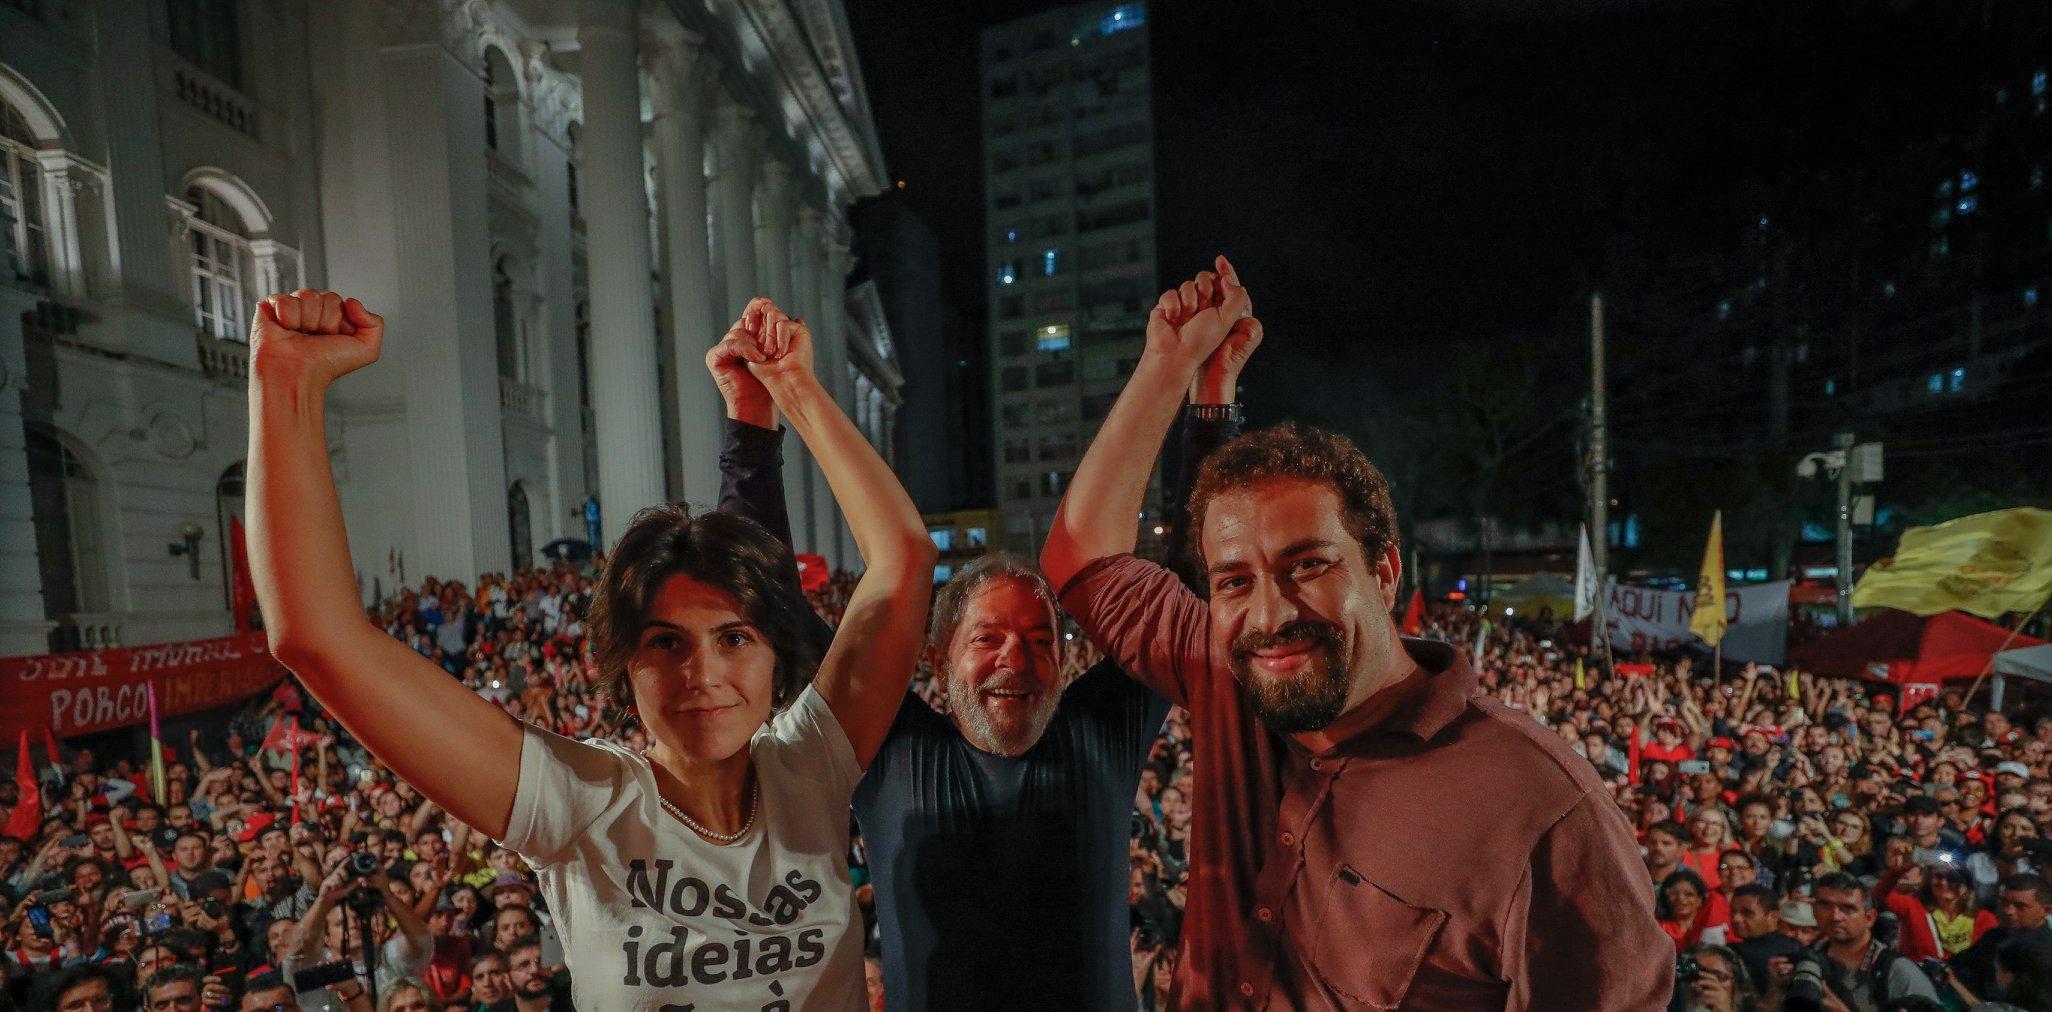 Gustavo Castañon: Por que não podemos mais apoiar o PT